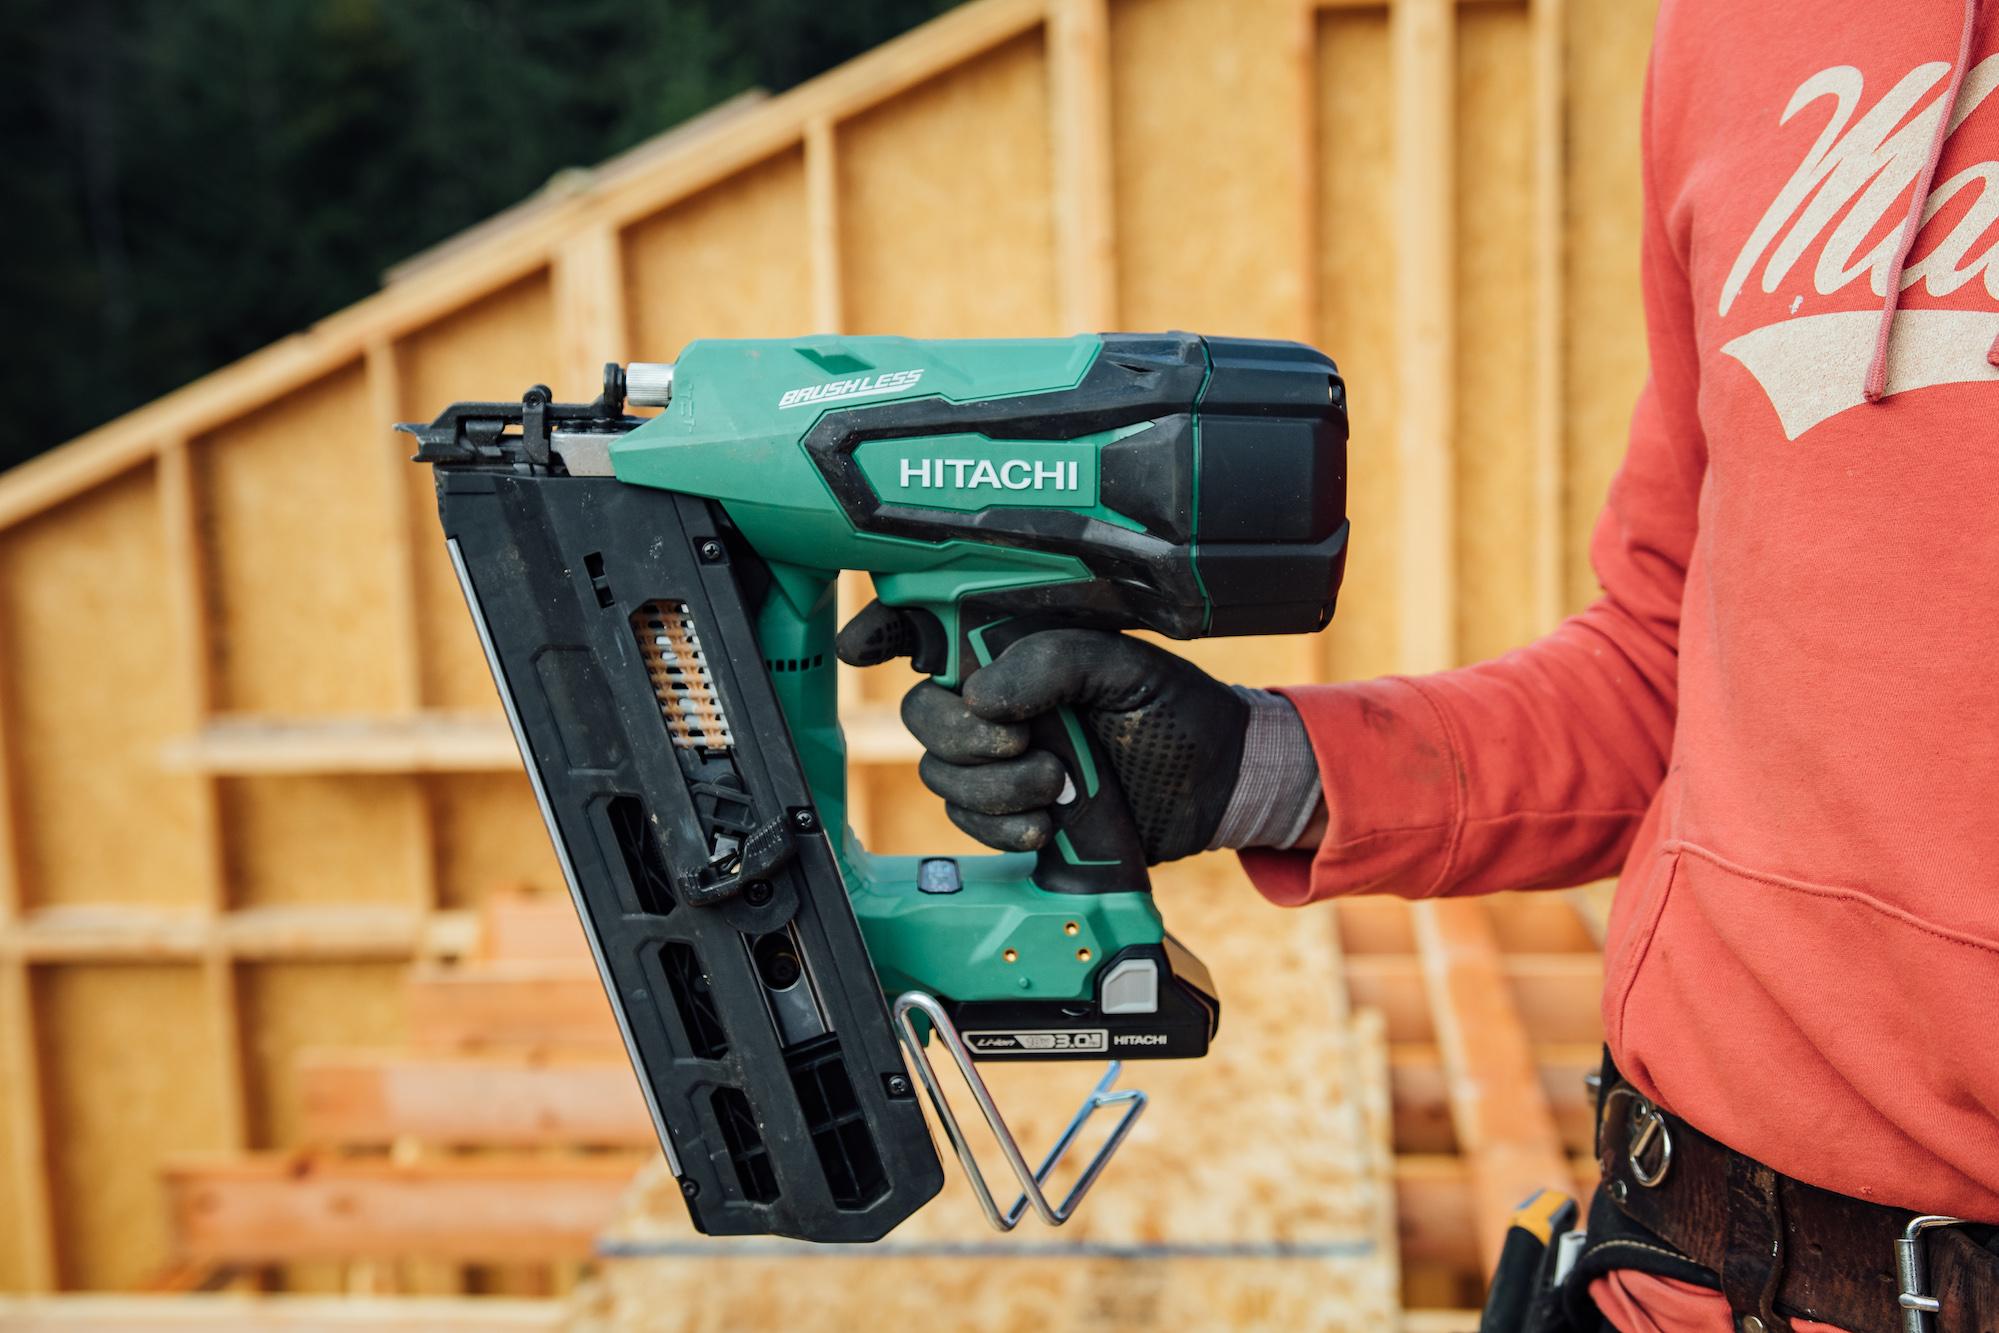 Hitachi Nr1890dr Cordless Nail Gun Tools Of The Trade